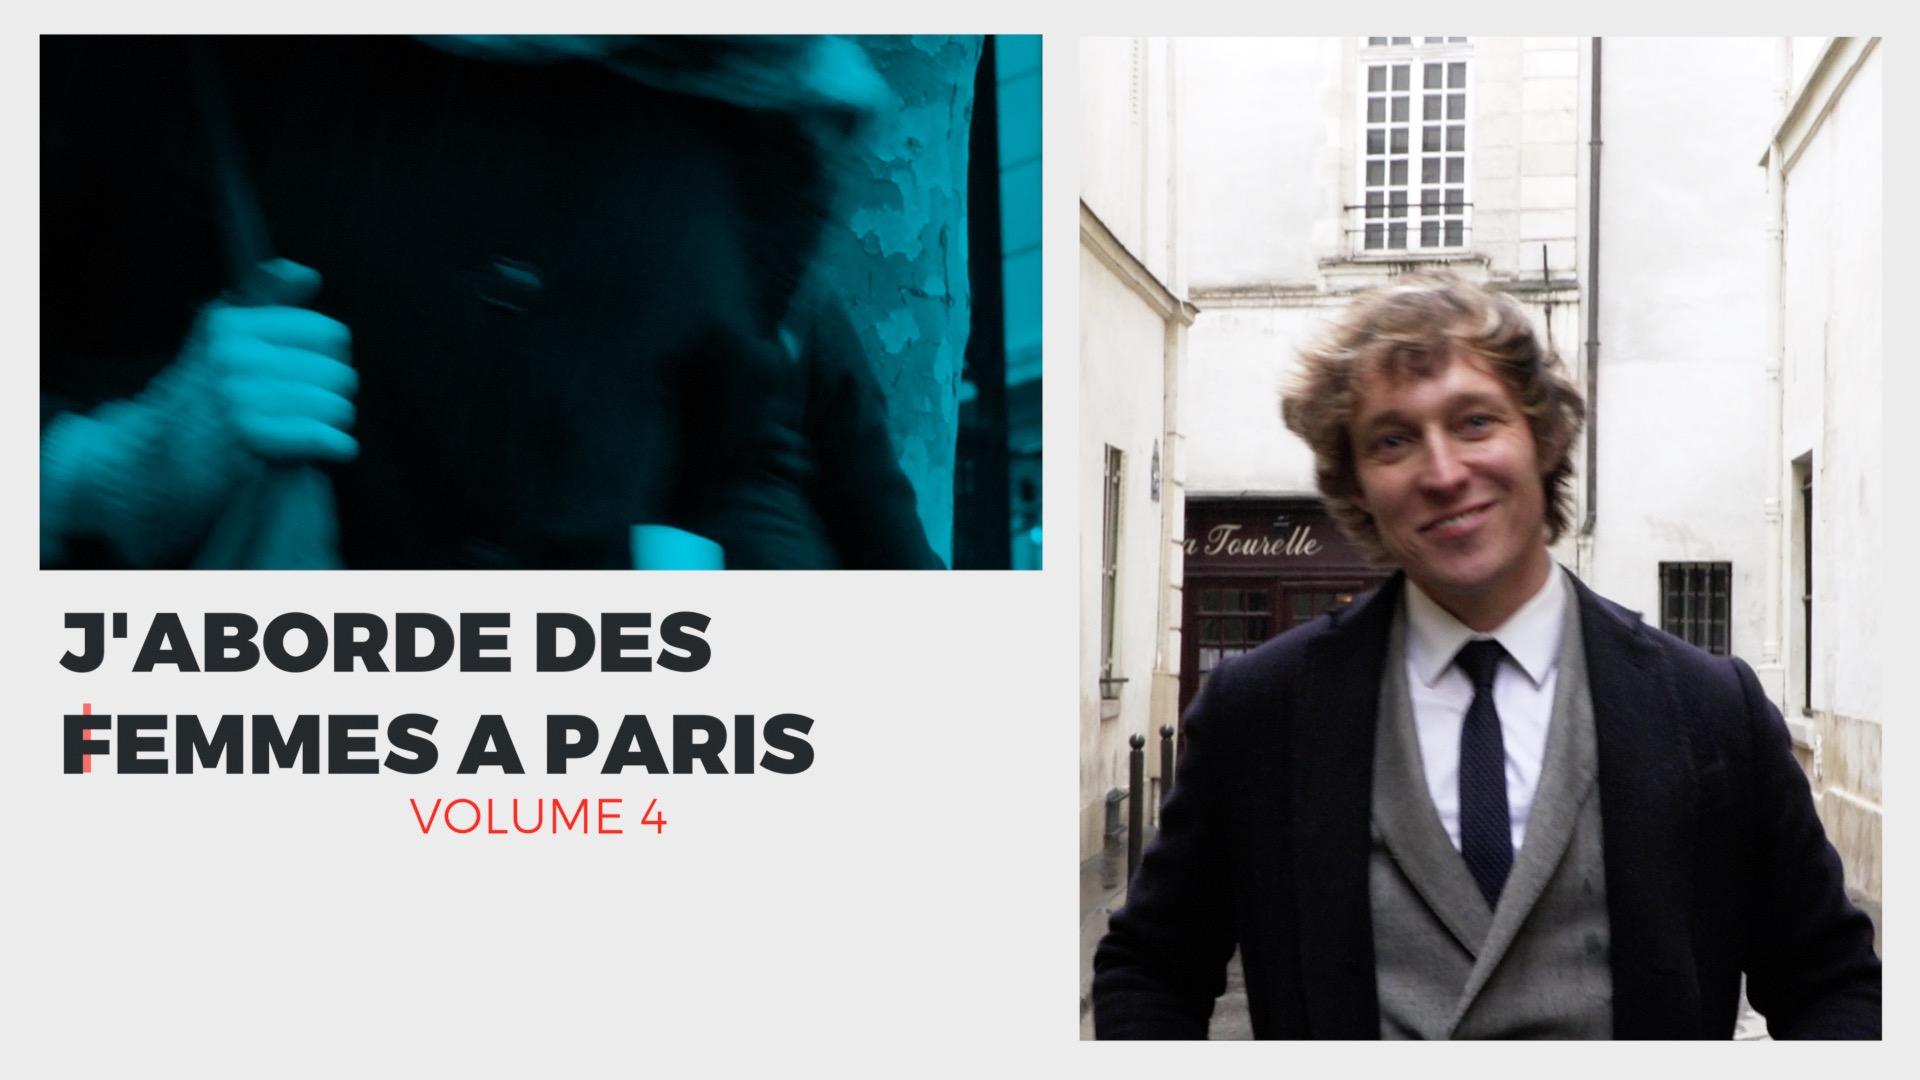 Aborder une femme à Paris (volume 4)